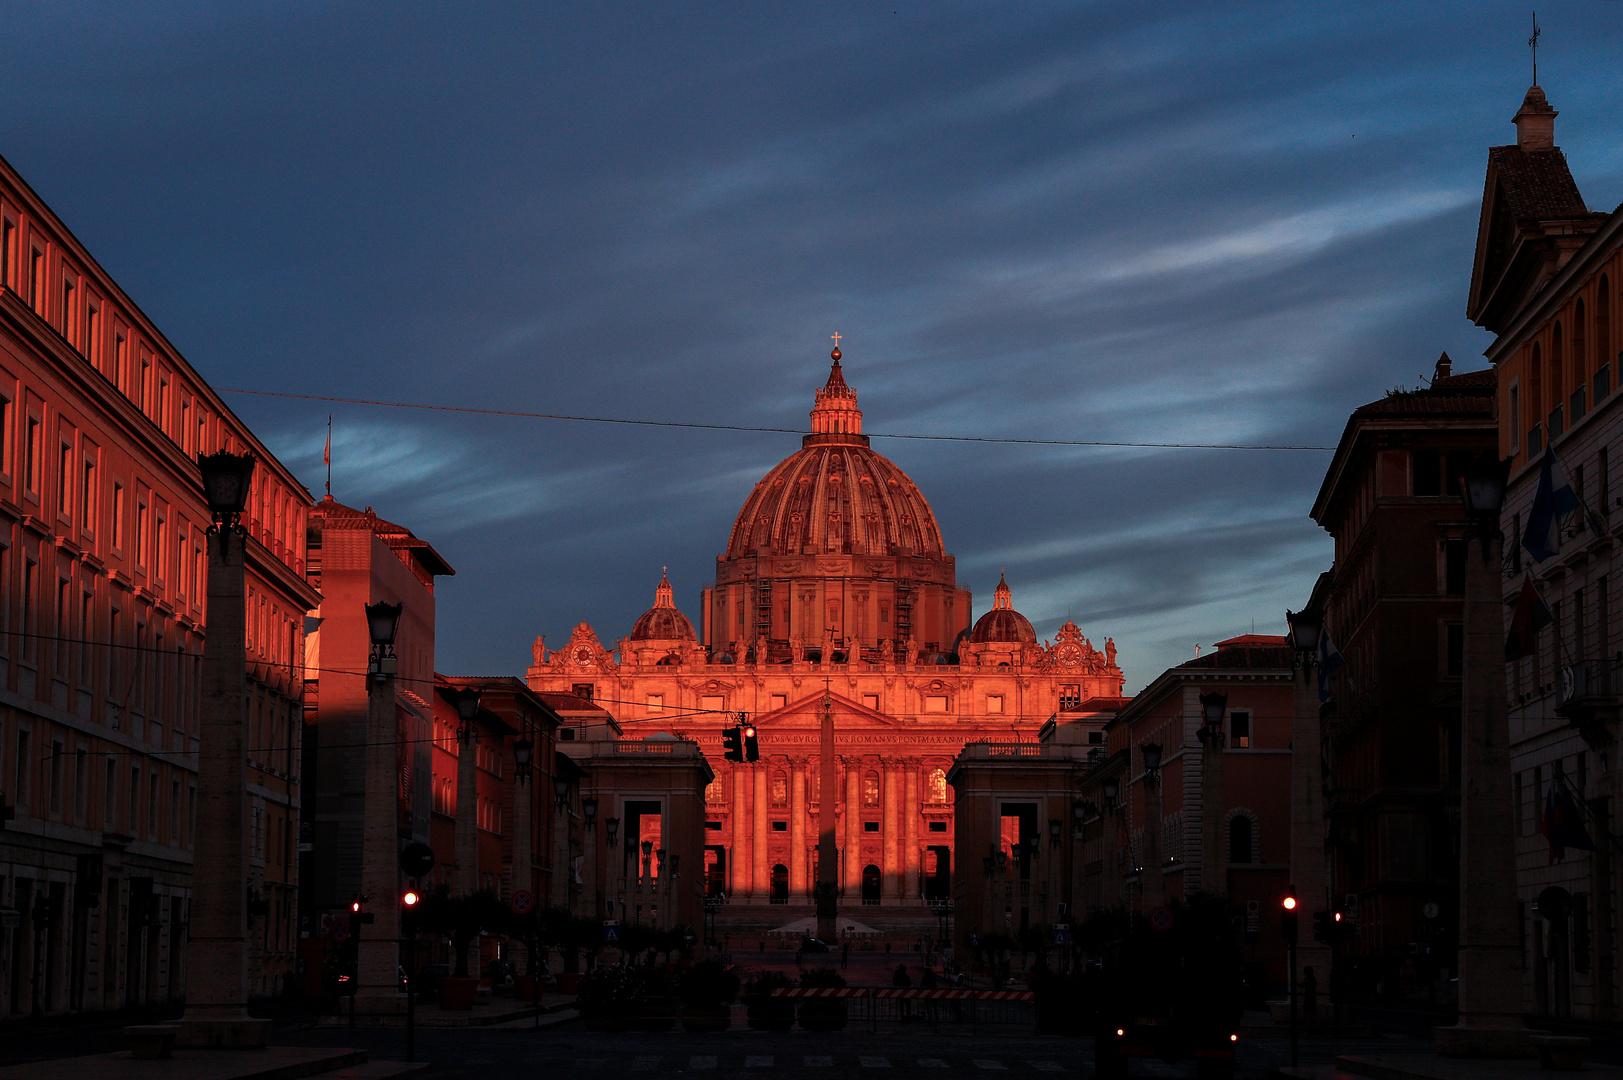 بنديكتس السادس عشر ينفي نظريات المؤامرة في تخليه عن البابوية